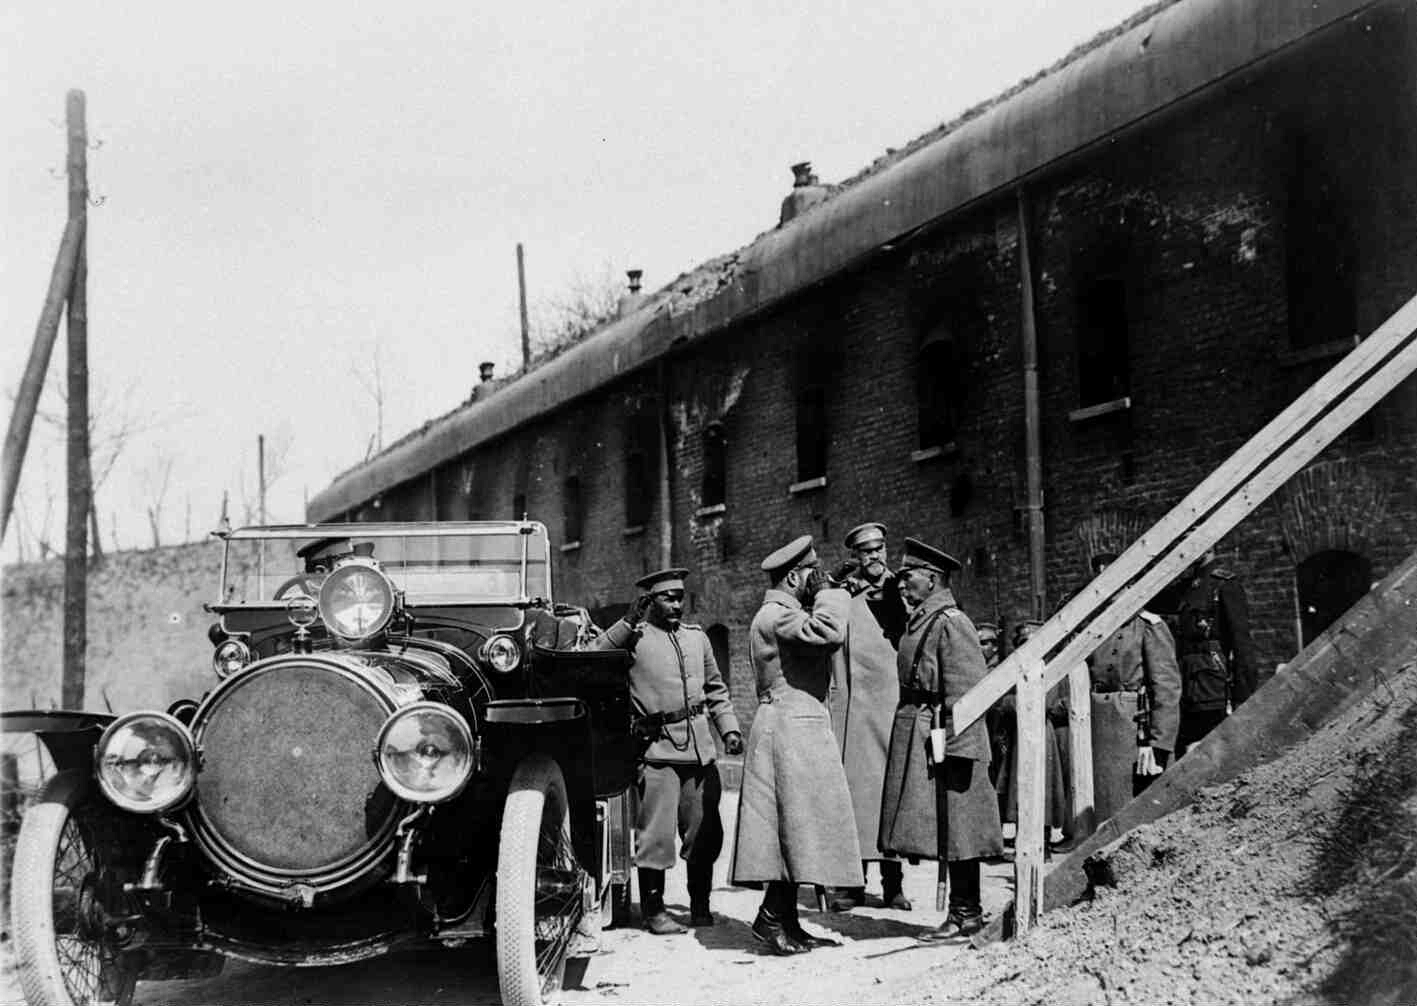 1915. Николай II принимает рапорт от коменданта крепости, генерала Дельвига на форту № 1. Перемышль 9-12 апреля